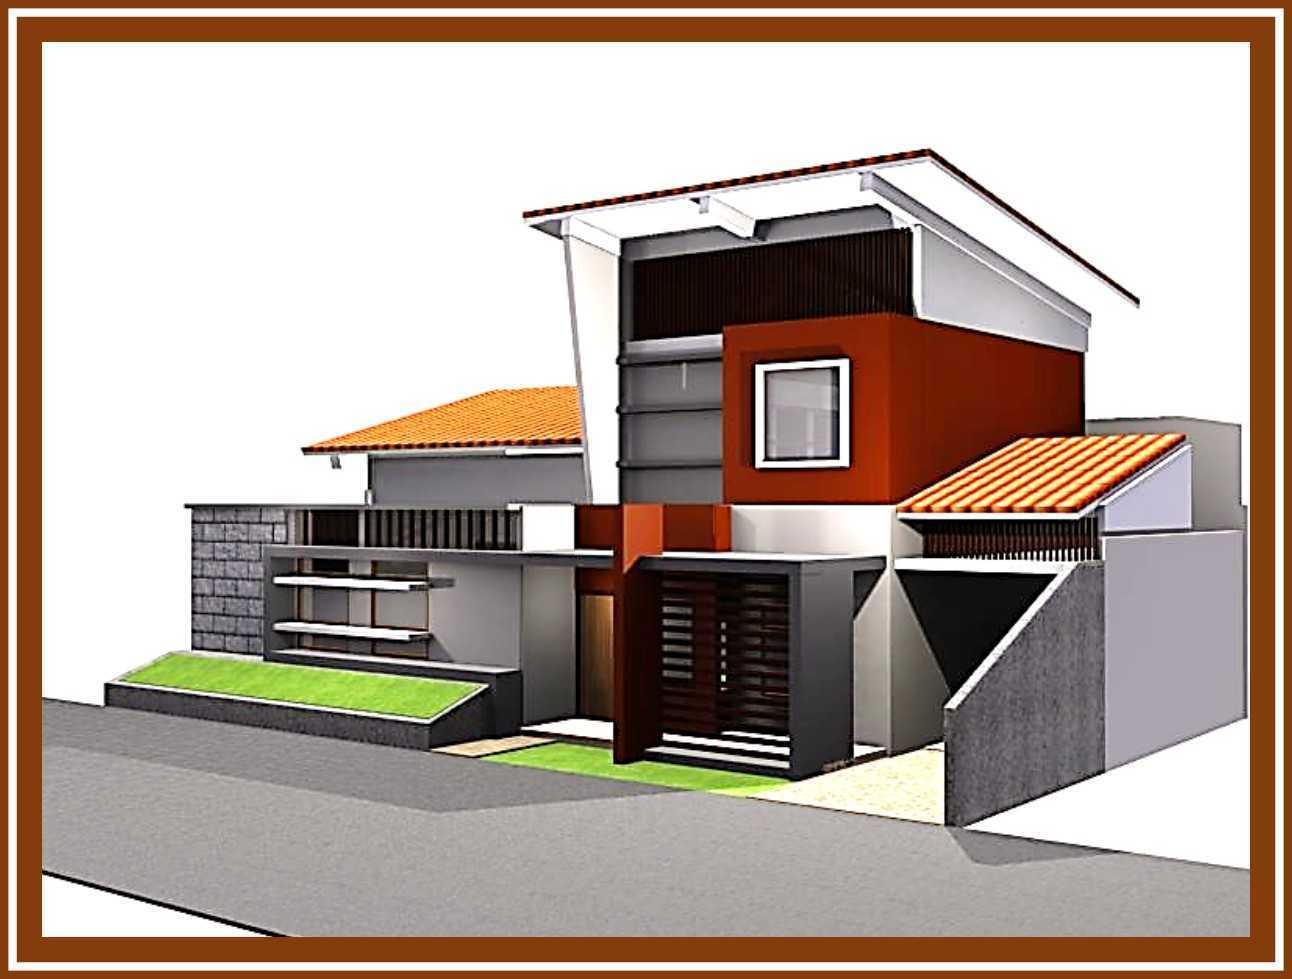 Ideall Design Renovasi Rumah Mezzanine Kec. Pondokgede, Kota Bks, Jawa Barat, Indonesia Kec. Pondokgede, Kota Bks, Jawa Barat, Indonesia Ideall-Design-When-A-Design-Idea-Becomes-Ideal-Design-For-All-Renovasi-Rumah-Mezzanine  114408